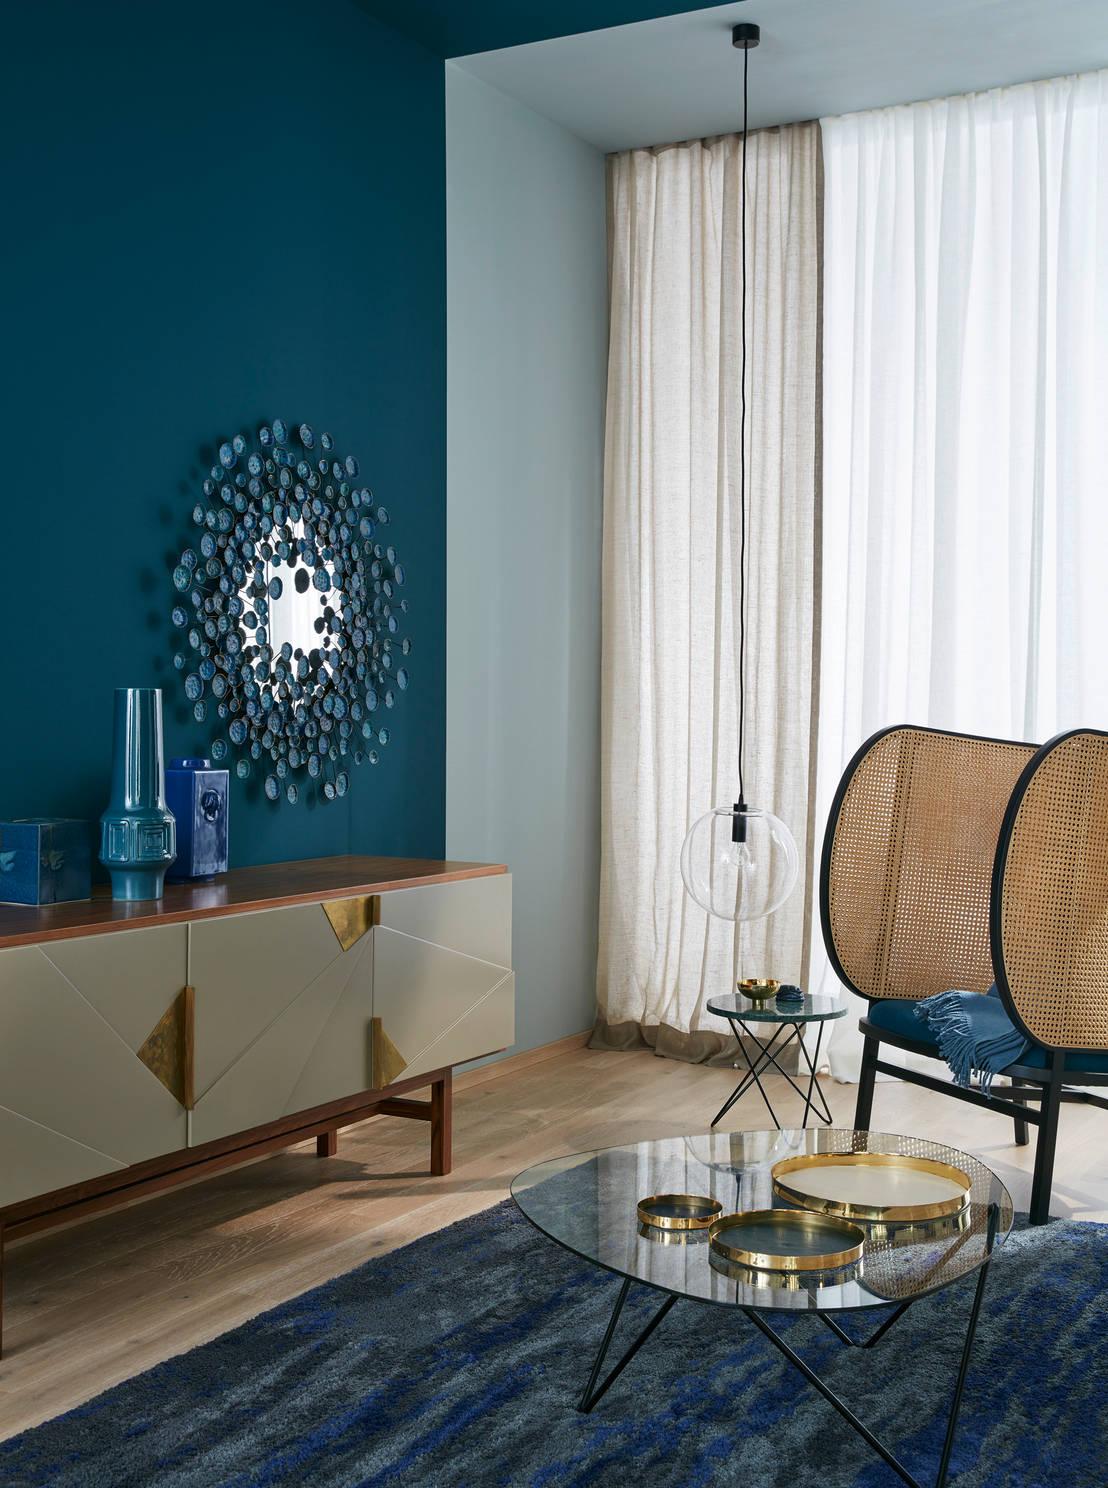 die neue klassik von sch ner wohnen farbe homify. Black Bedroom Furniture Sets. Home Design Ideas